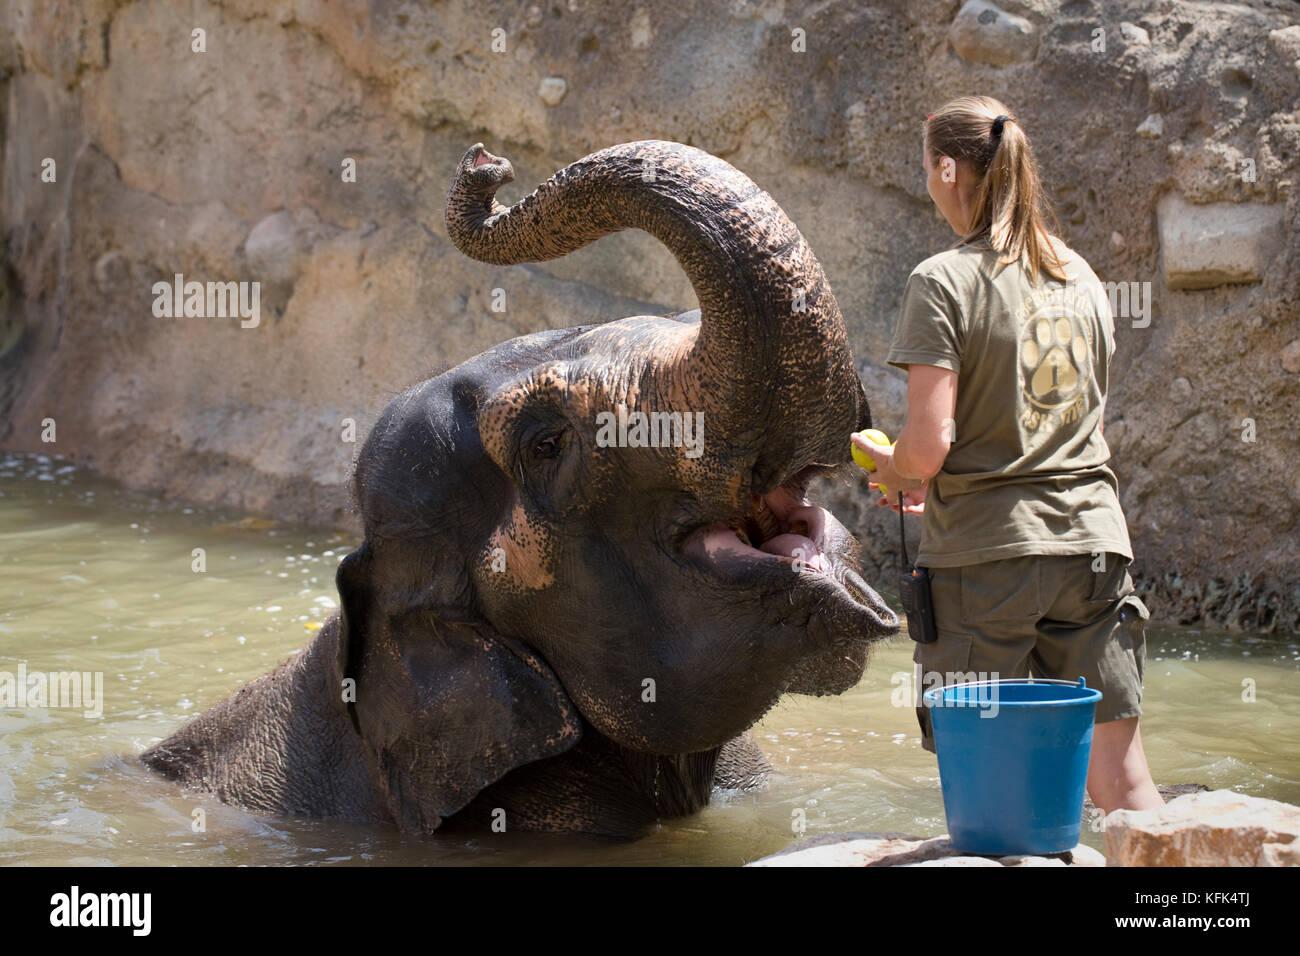 Female Zoo Keeper Stock Photos Amp Female Zoo Keeper Stock